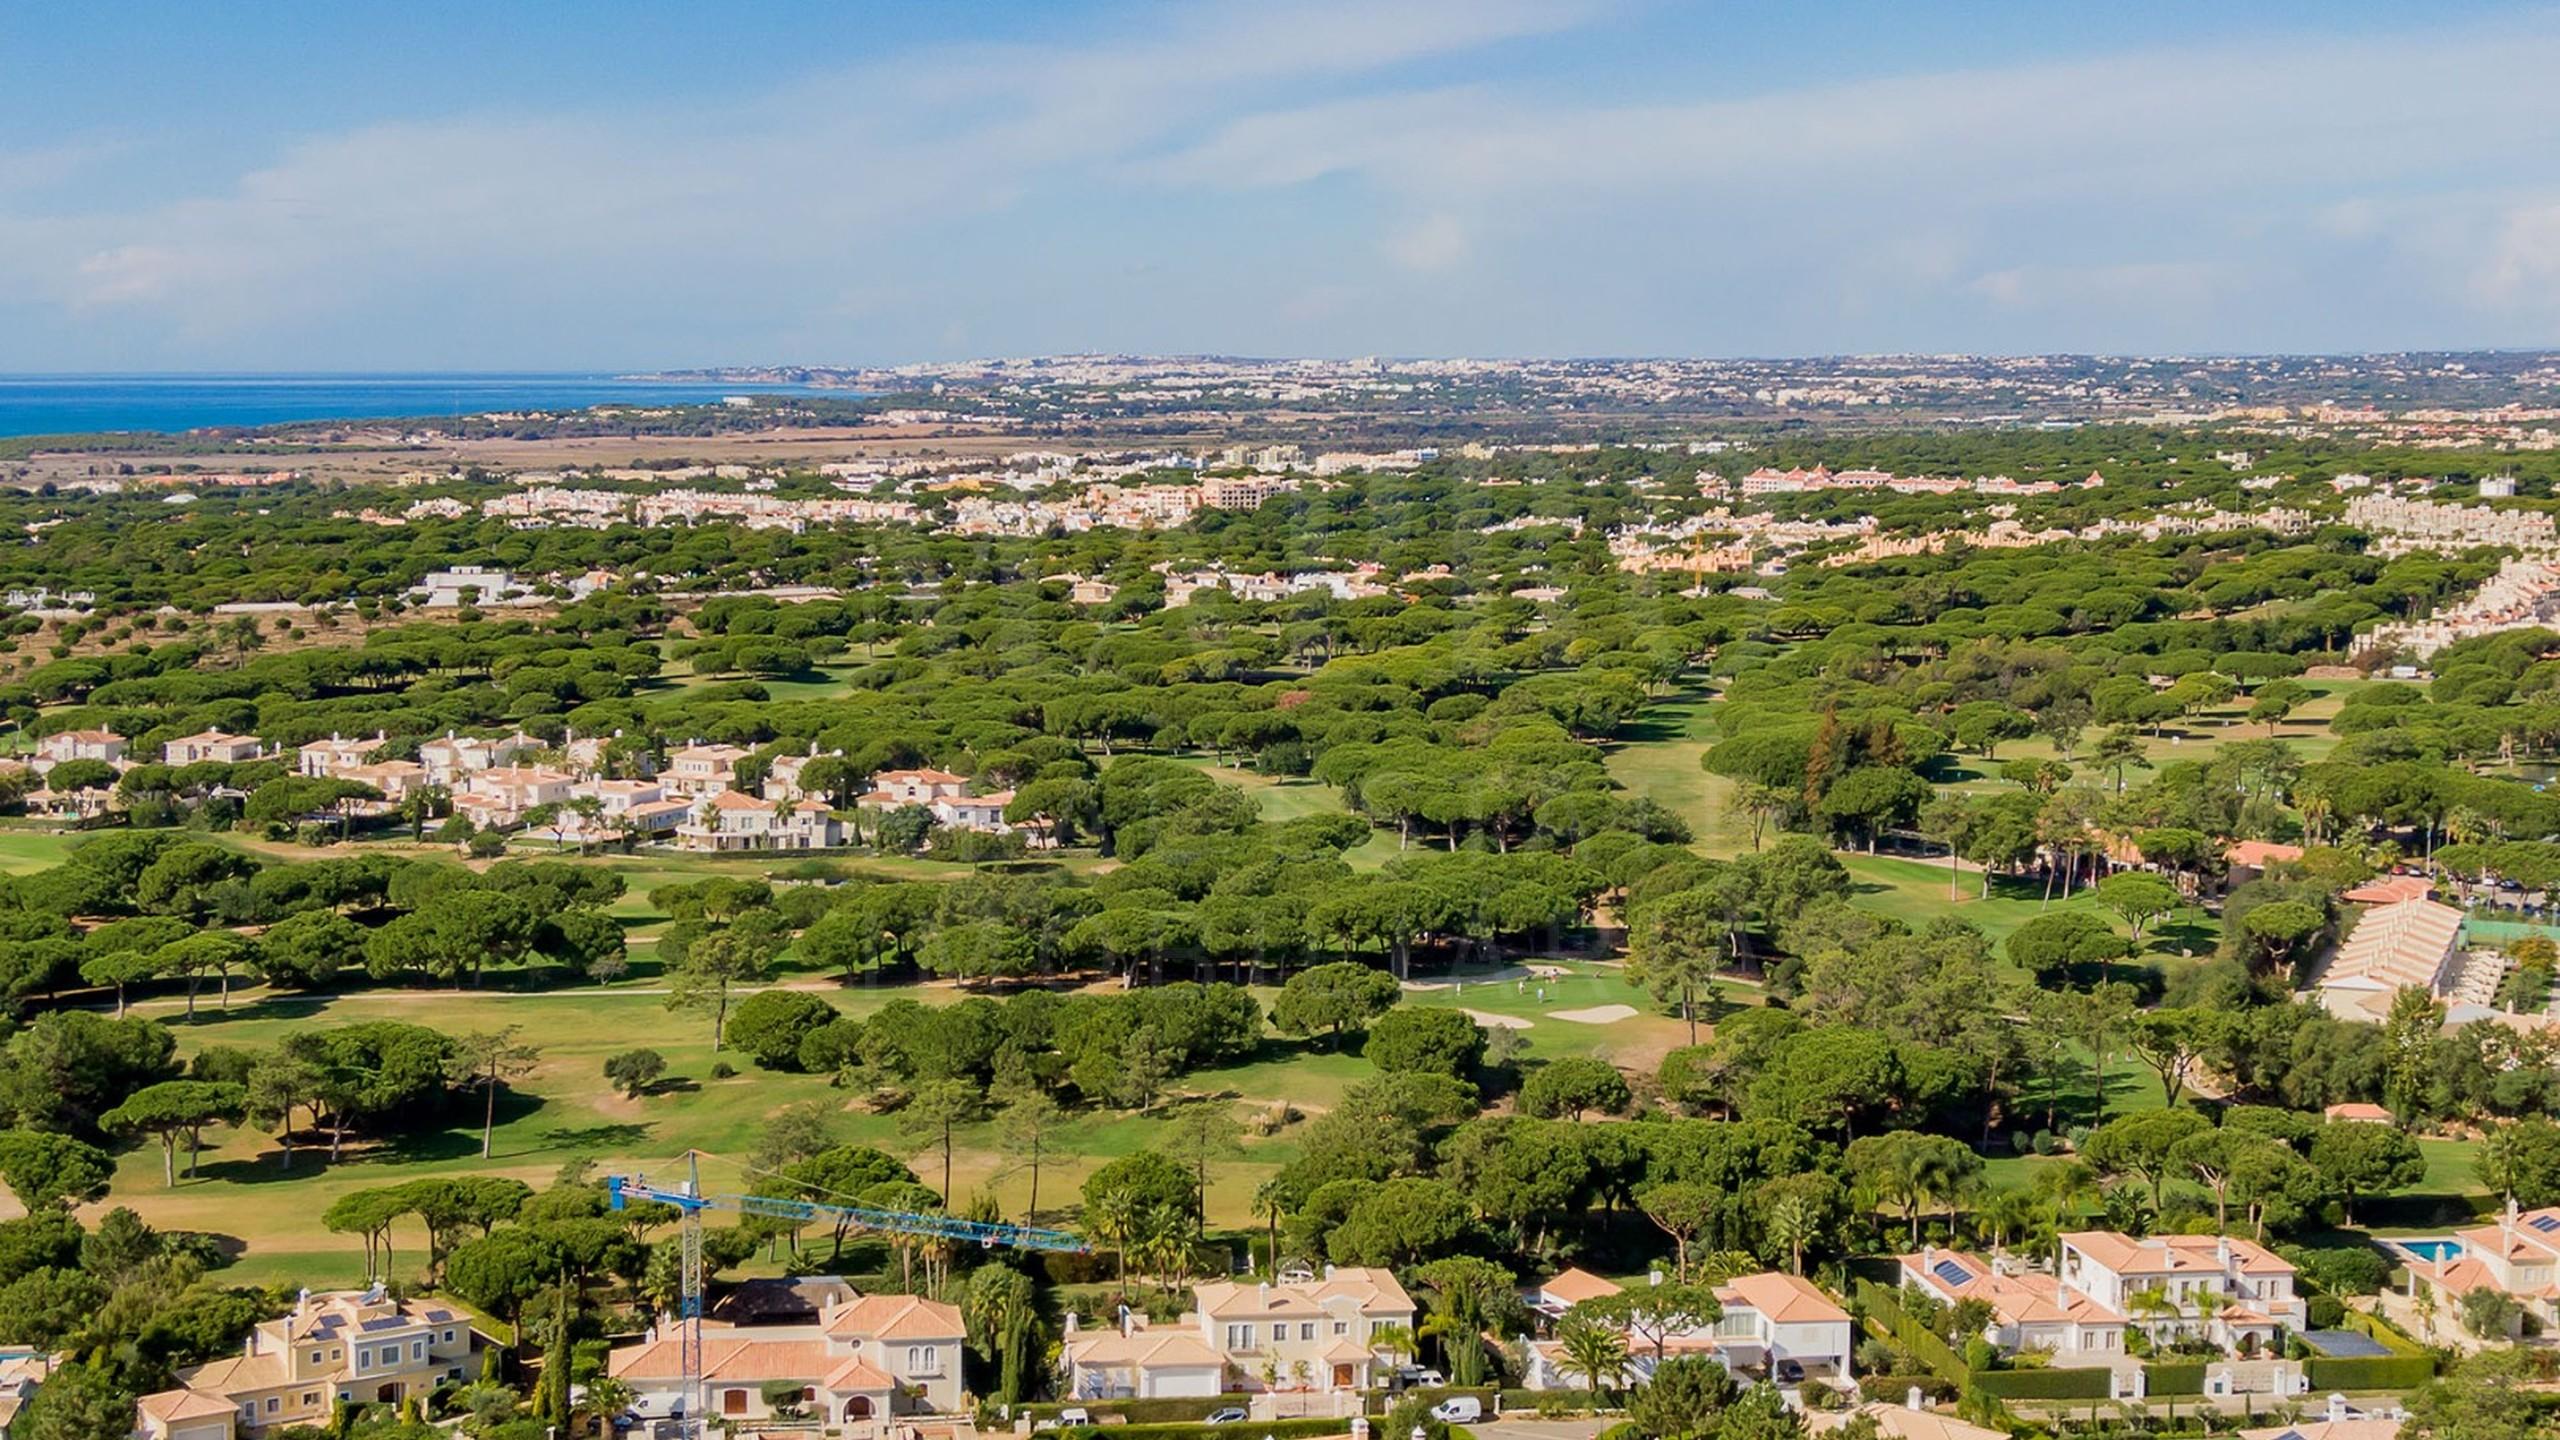 Modern Villa Under Construction in Algarve